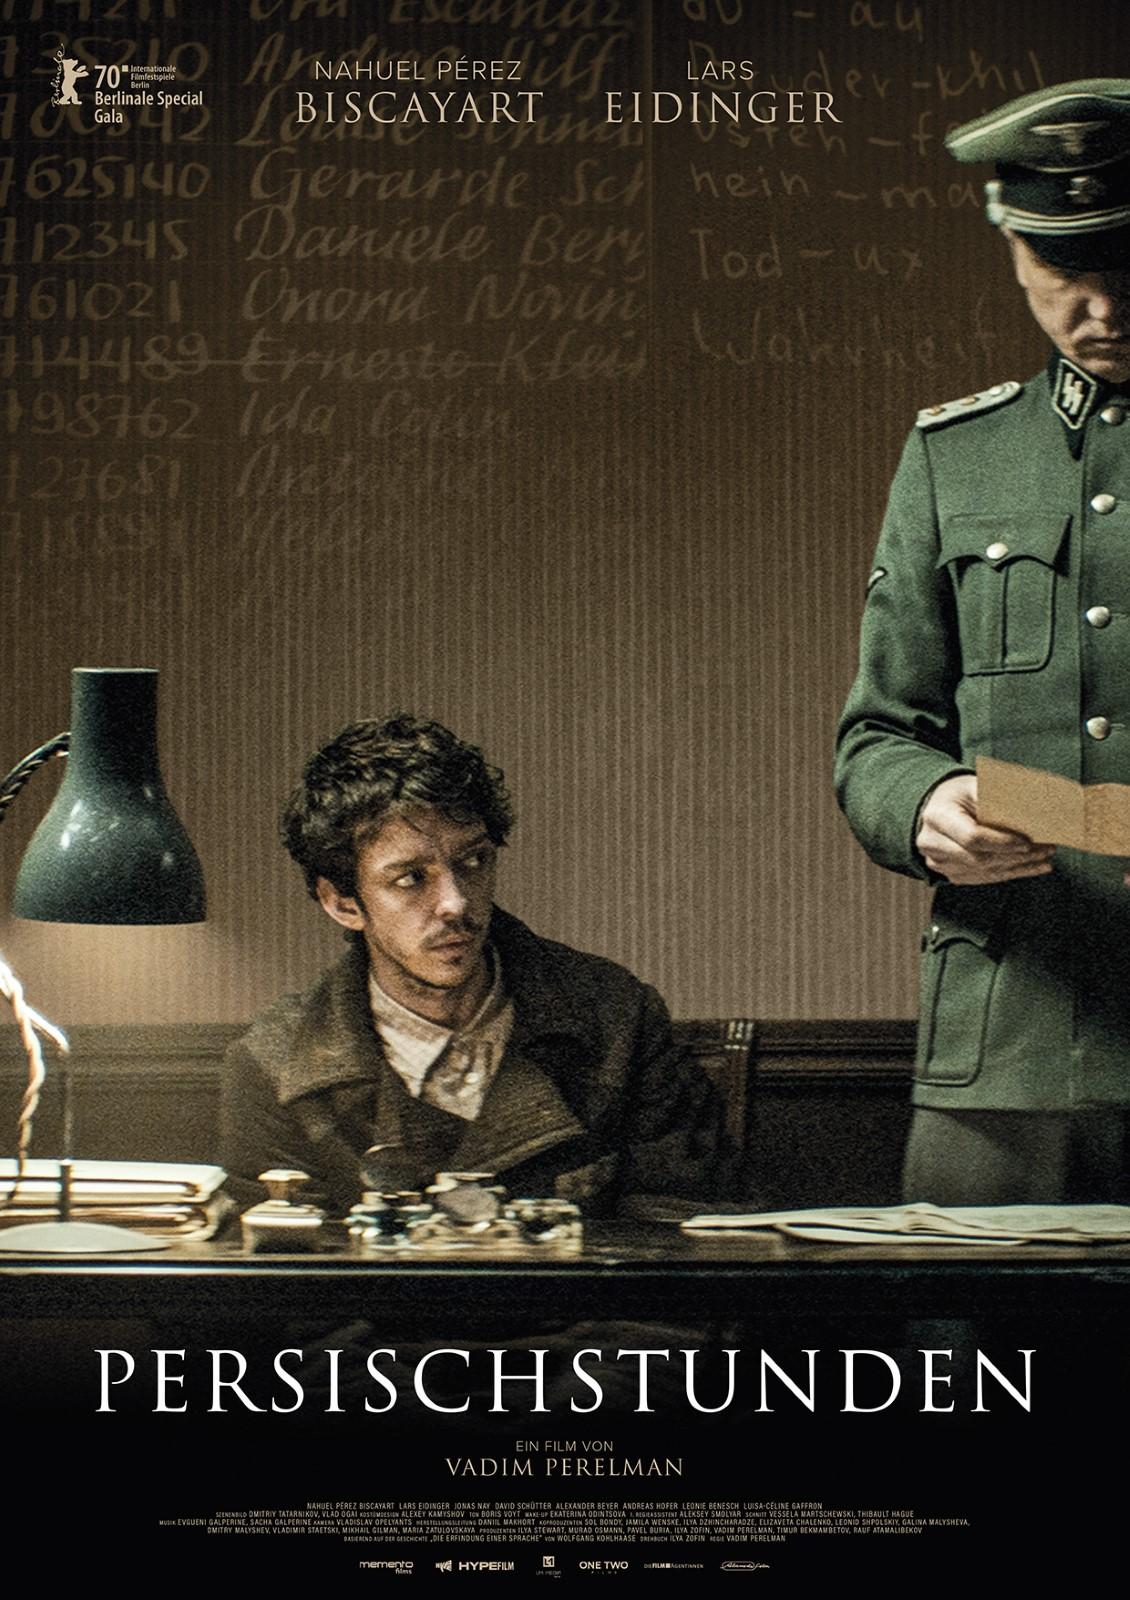 Persischstunden - Film 2019 - FILMSTARTS.de